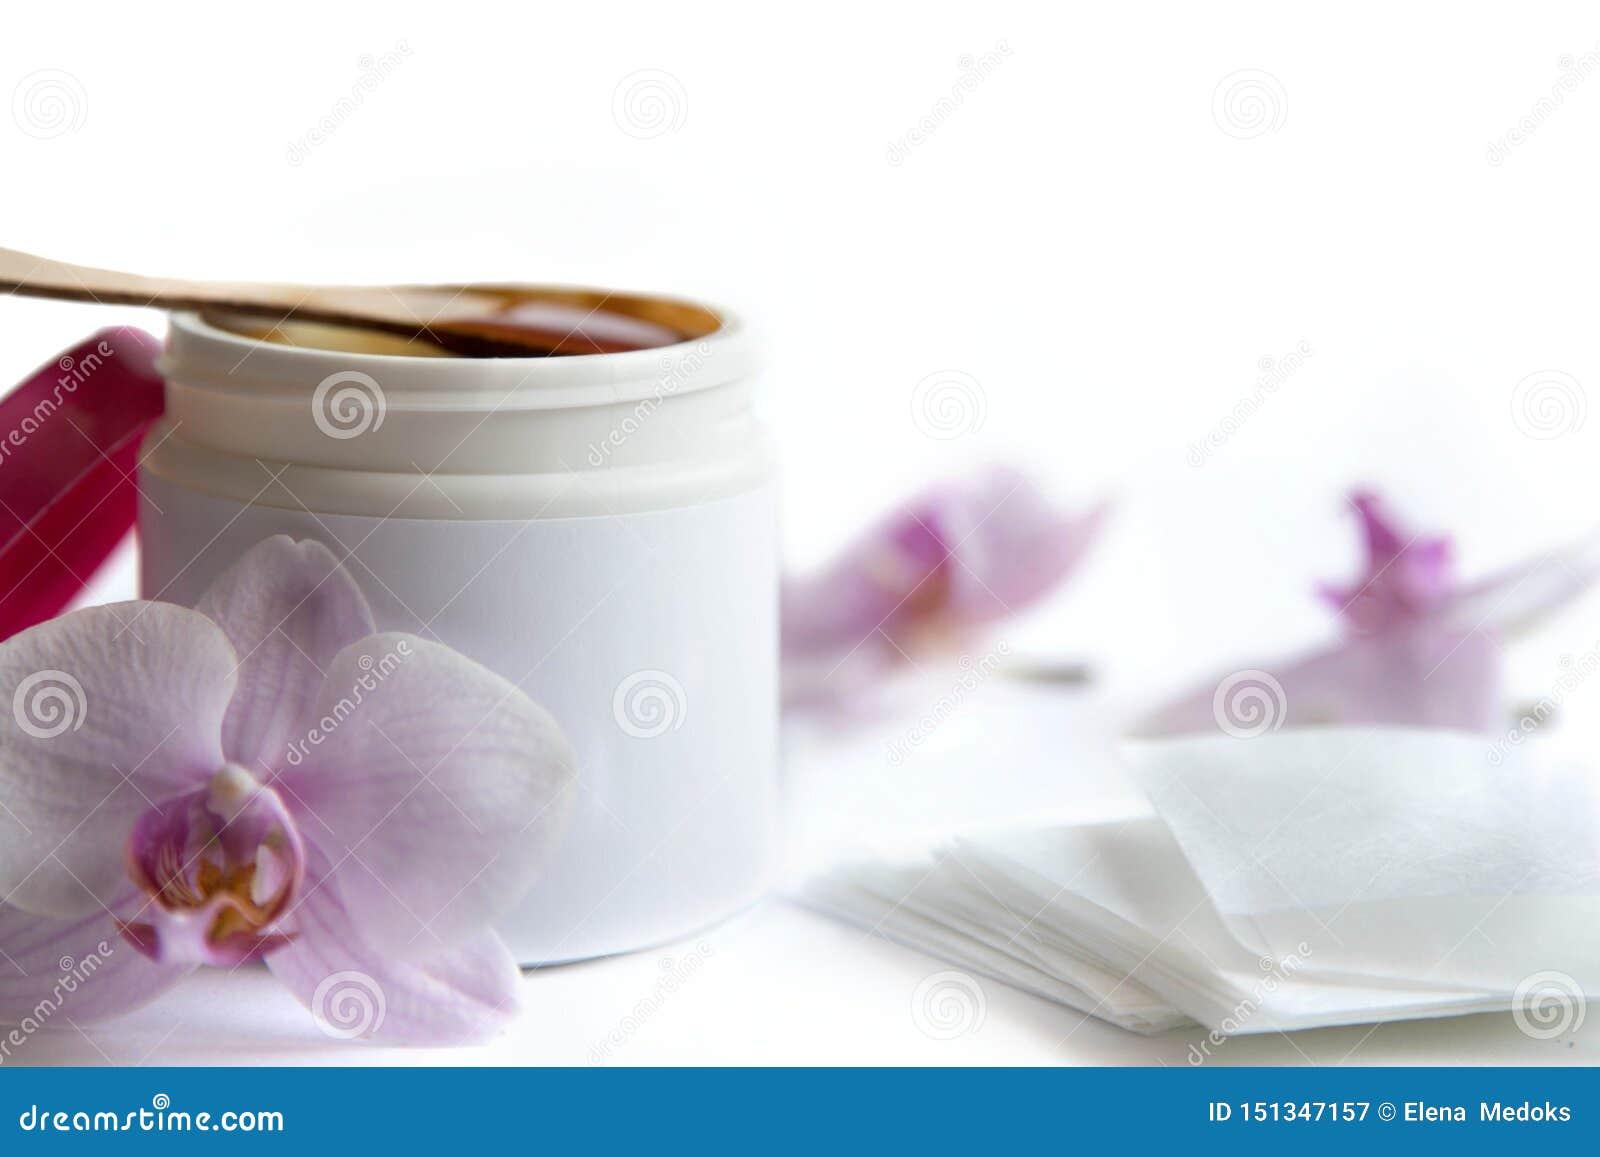 Pojęcie depilacja i piękno jest cukrowym pasty lub włosy usunięcia woskiem w białym plastikowym słoju z drewnianą wosk szpachelką